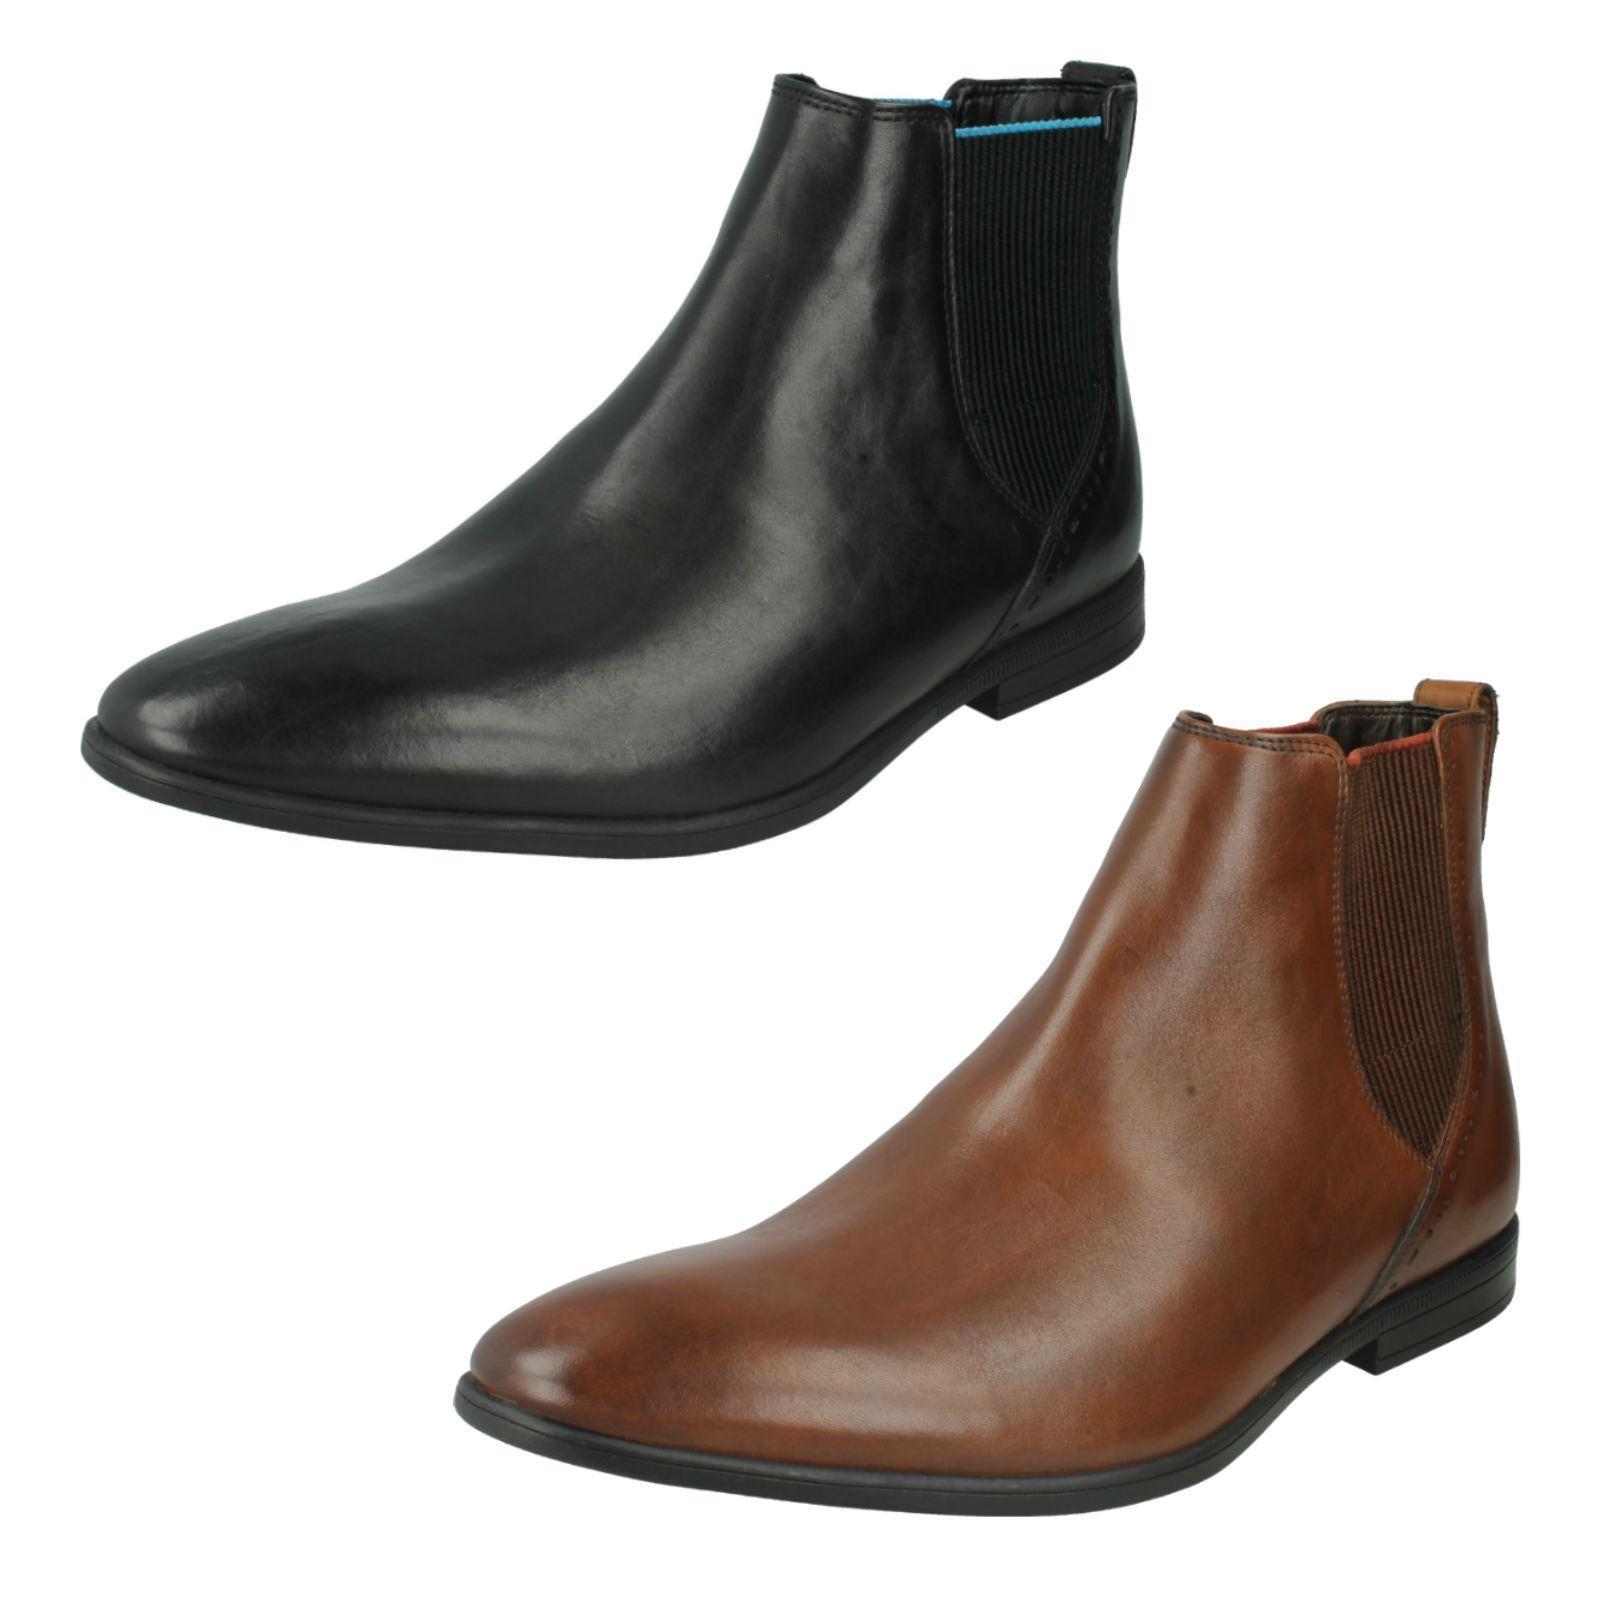 Men's Clarks Formal Chelsea Boots